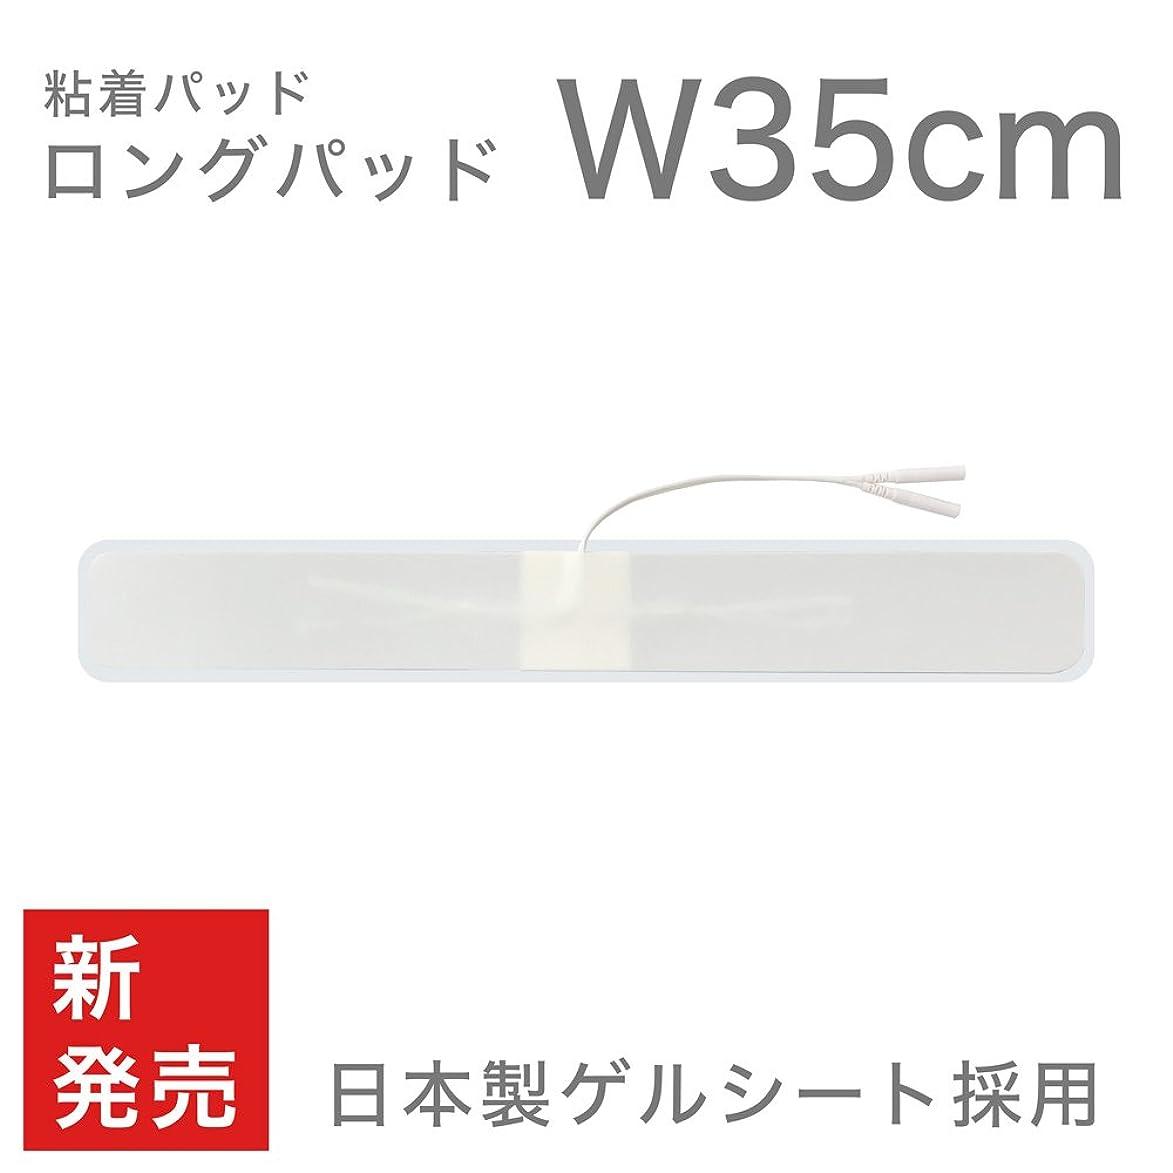 読者画面アソシエイトTOP TOUCH 粘着パッド ロングパッド 4x35cm【日本製高品質ゲルシート採用】